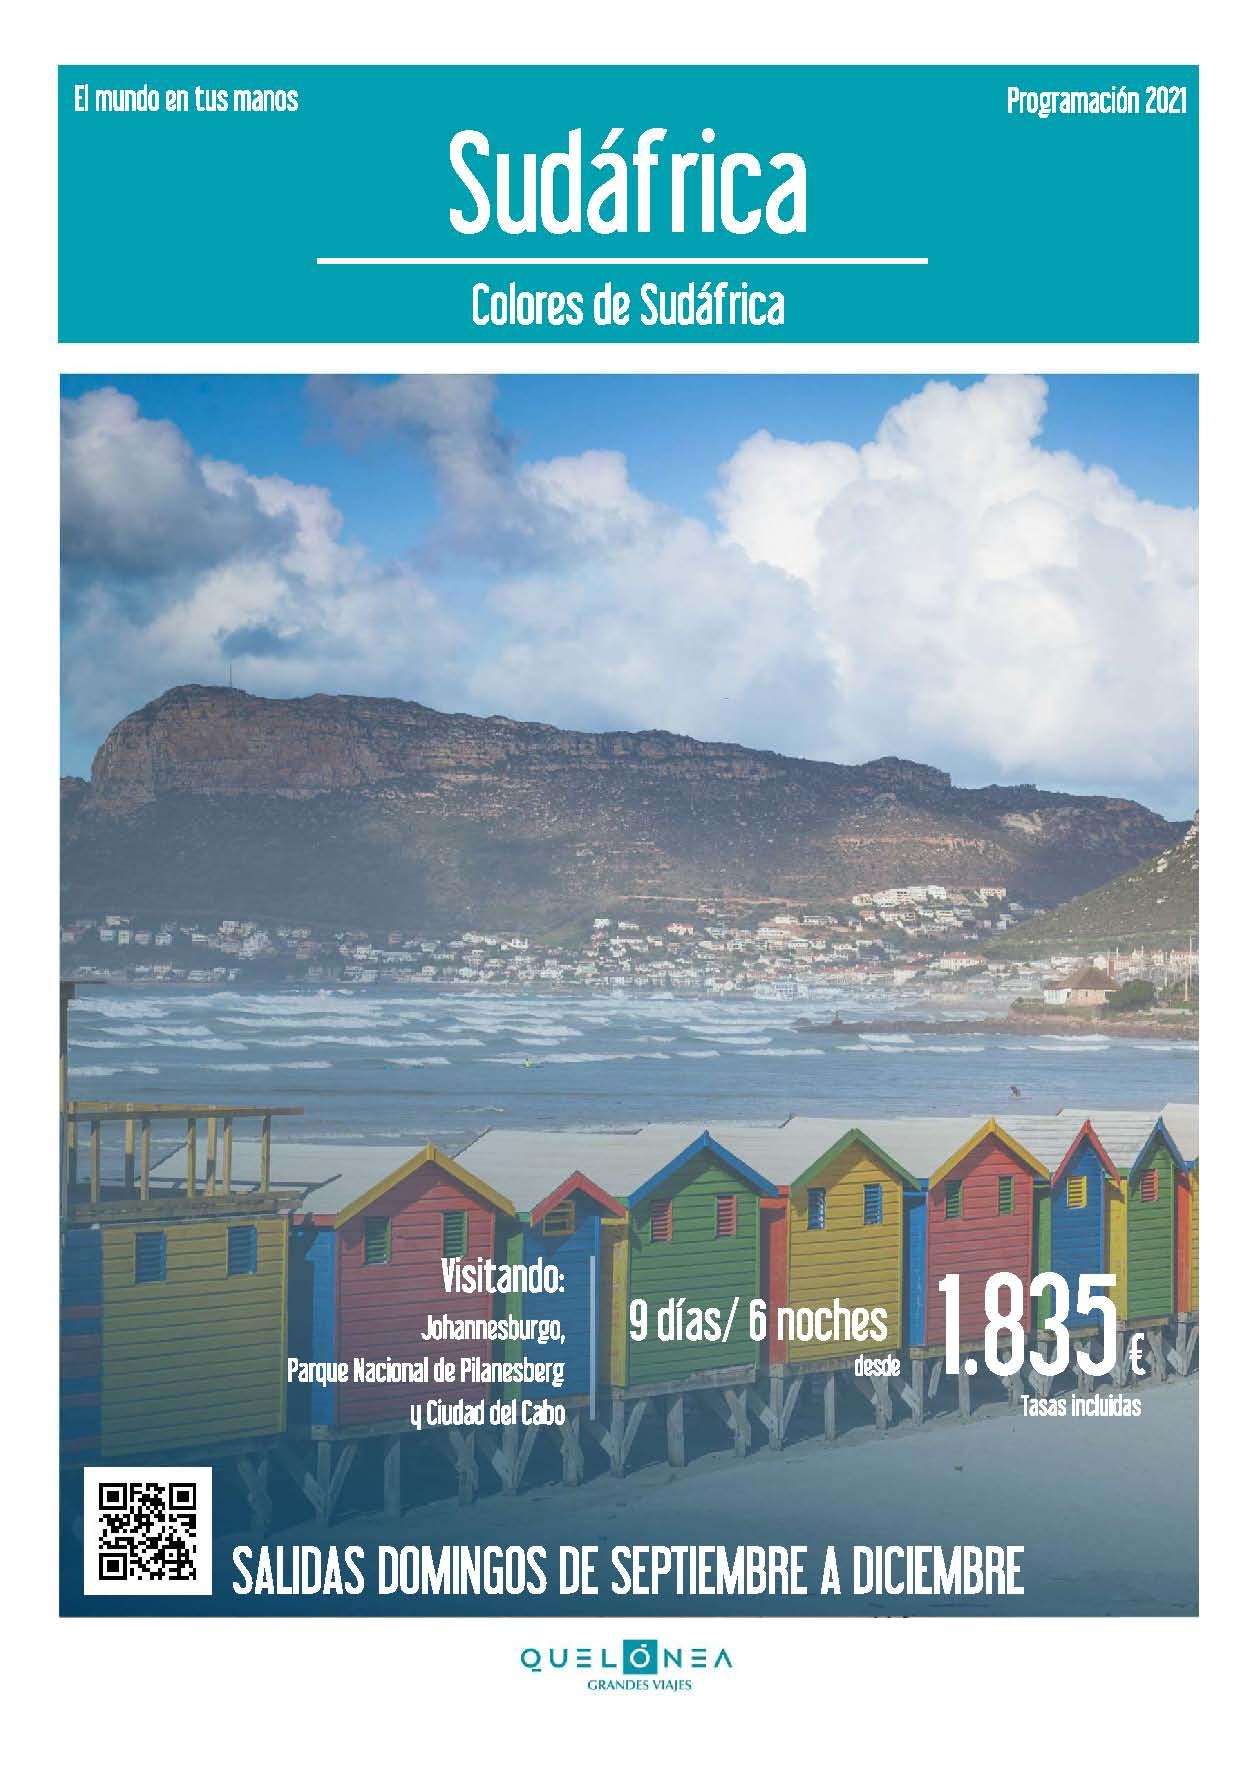 Ofertas Quelonea Colores de Sudafrica Agosto a Diciembre 2021